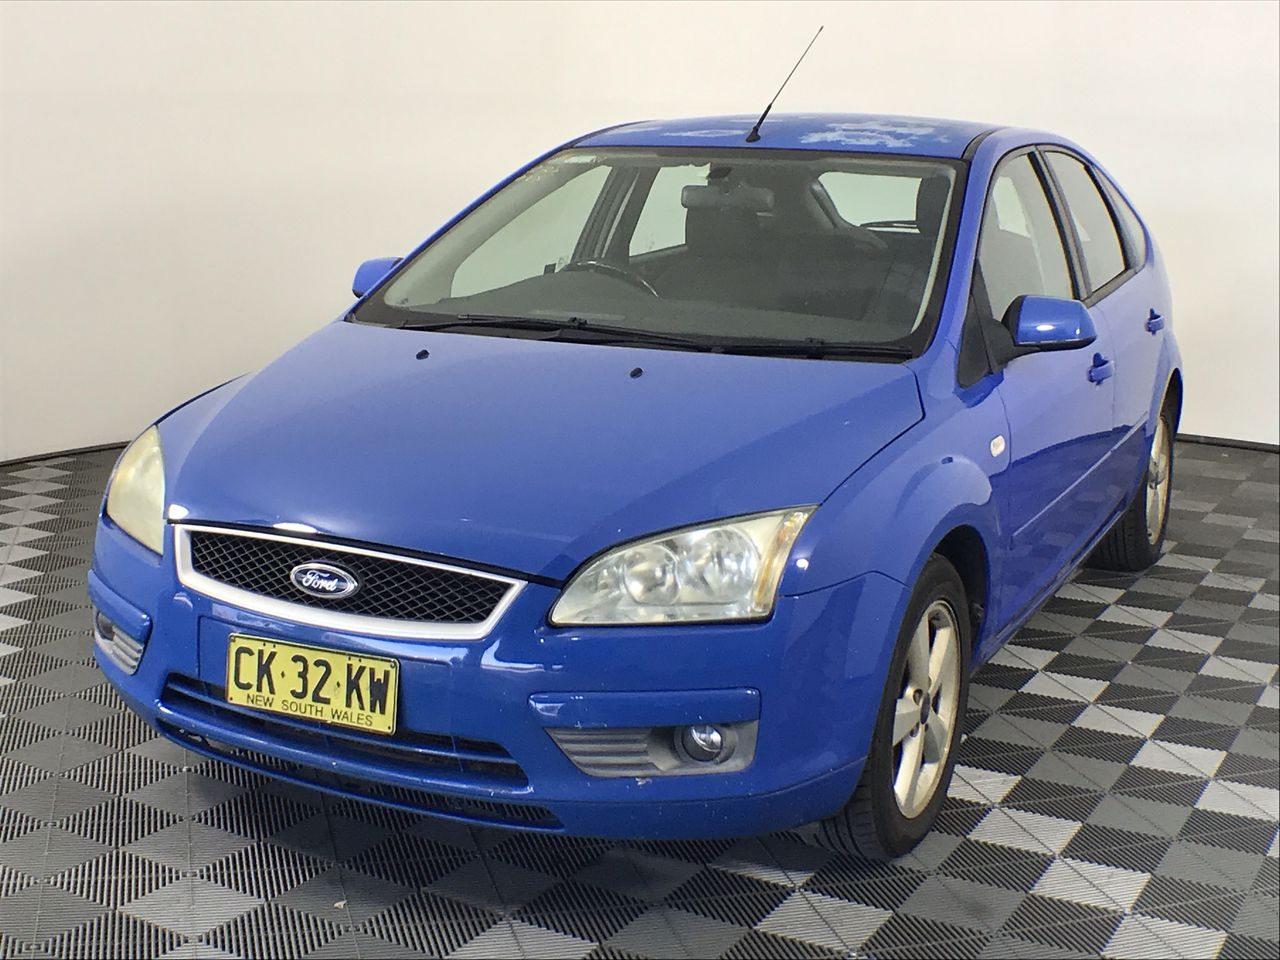 2006 Ford Focus LX LS Manual Hatchback